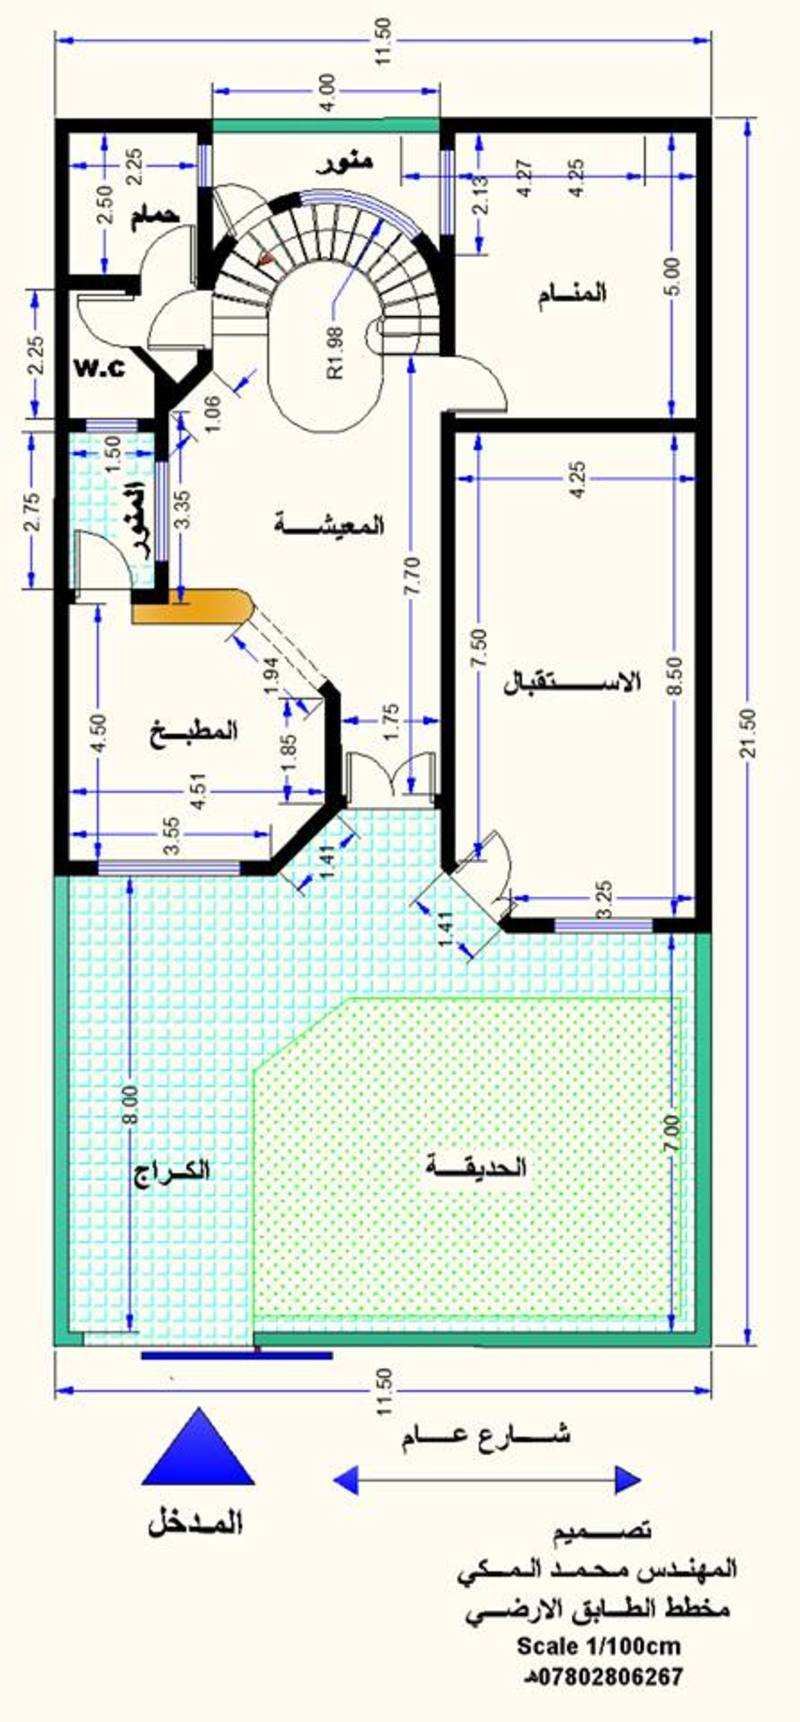 صورة خرائط منازل 2099 2